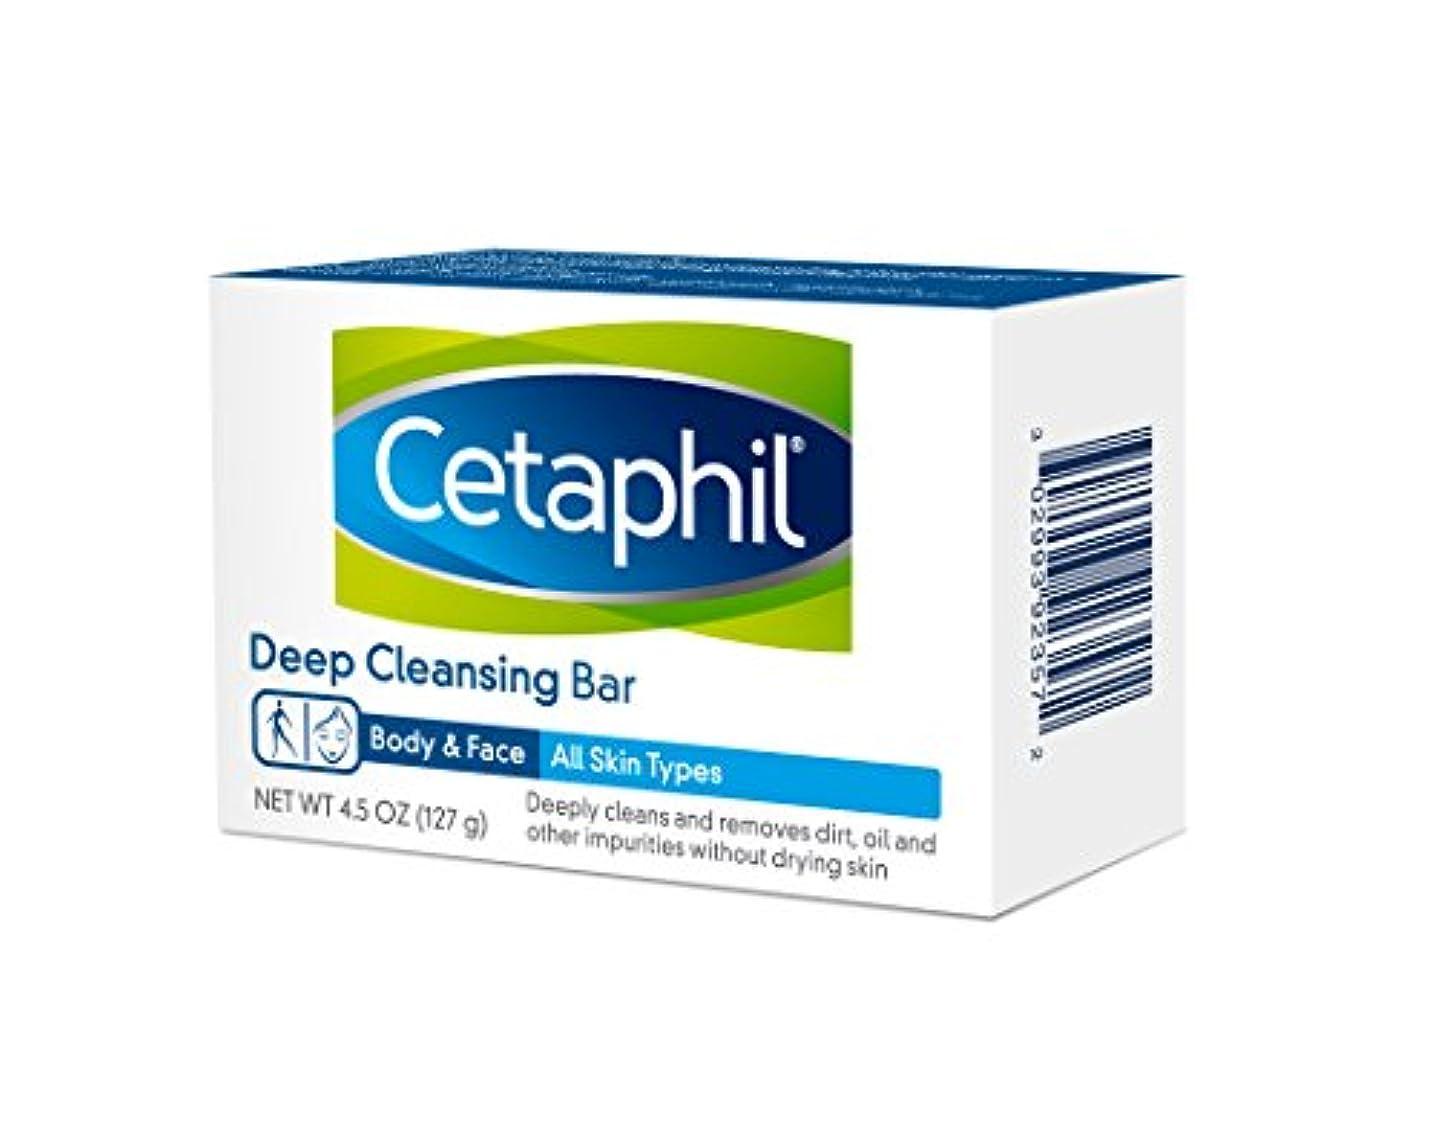 粘性の泥沼バスケットボールCetaphil Deep Cleansing Face Body Bar for All Skin Types 127g×6個セット 並行輸入品